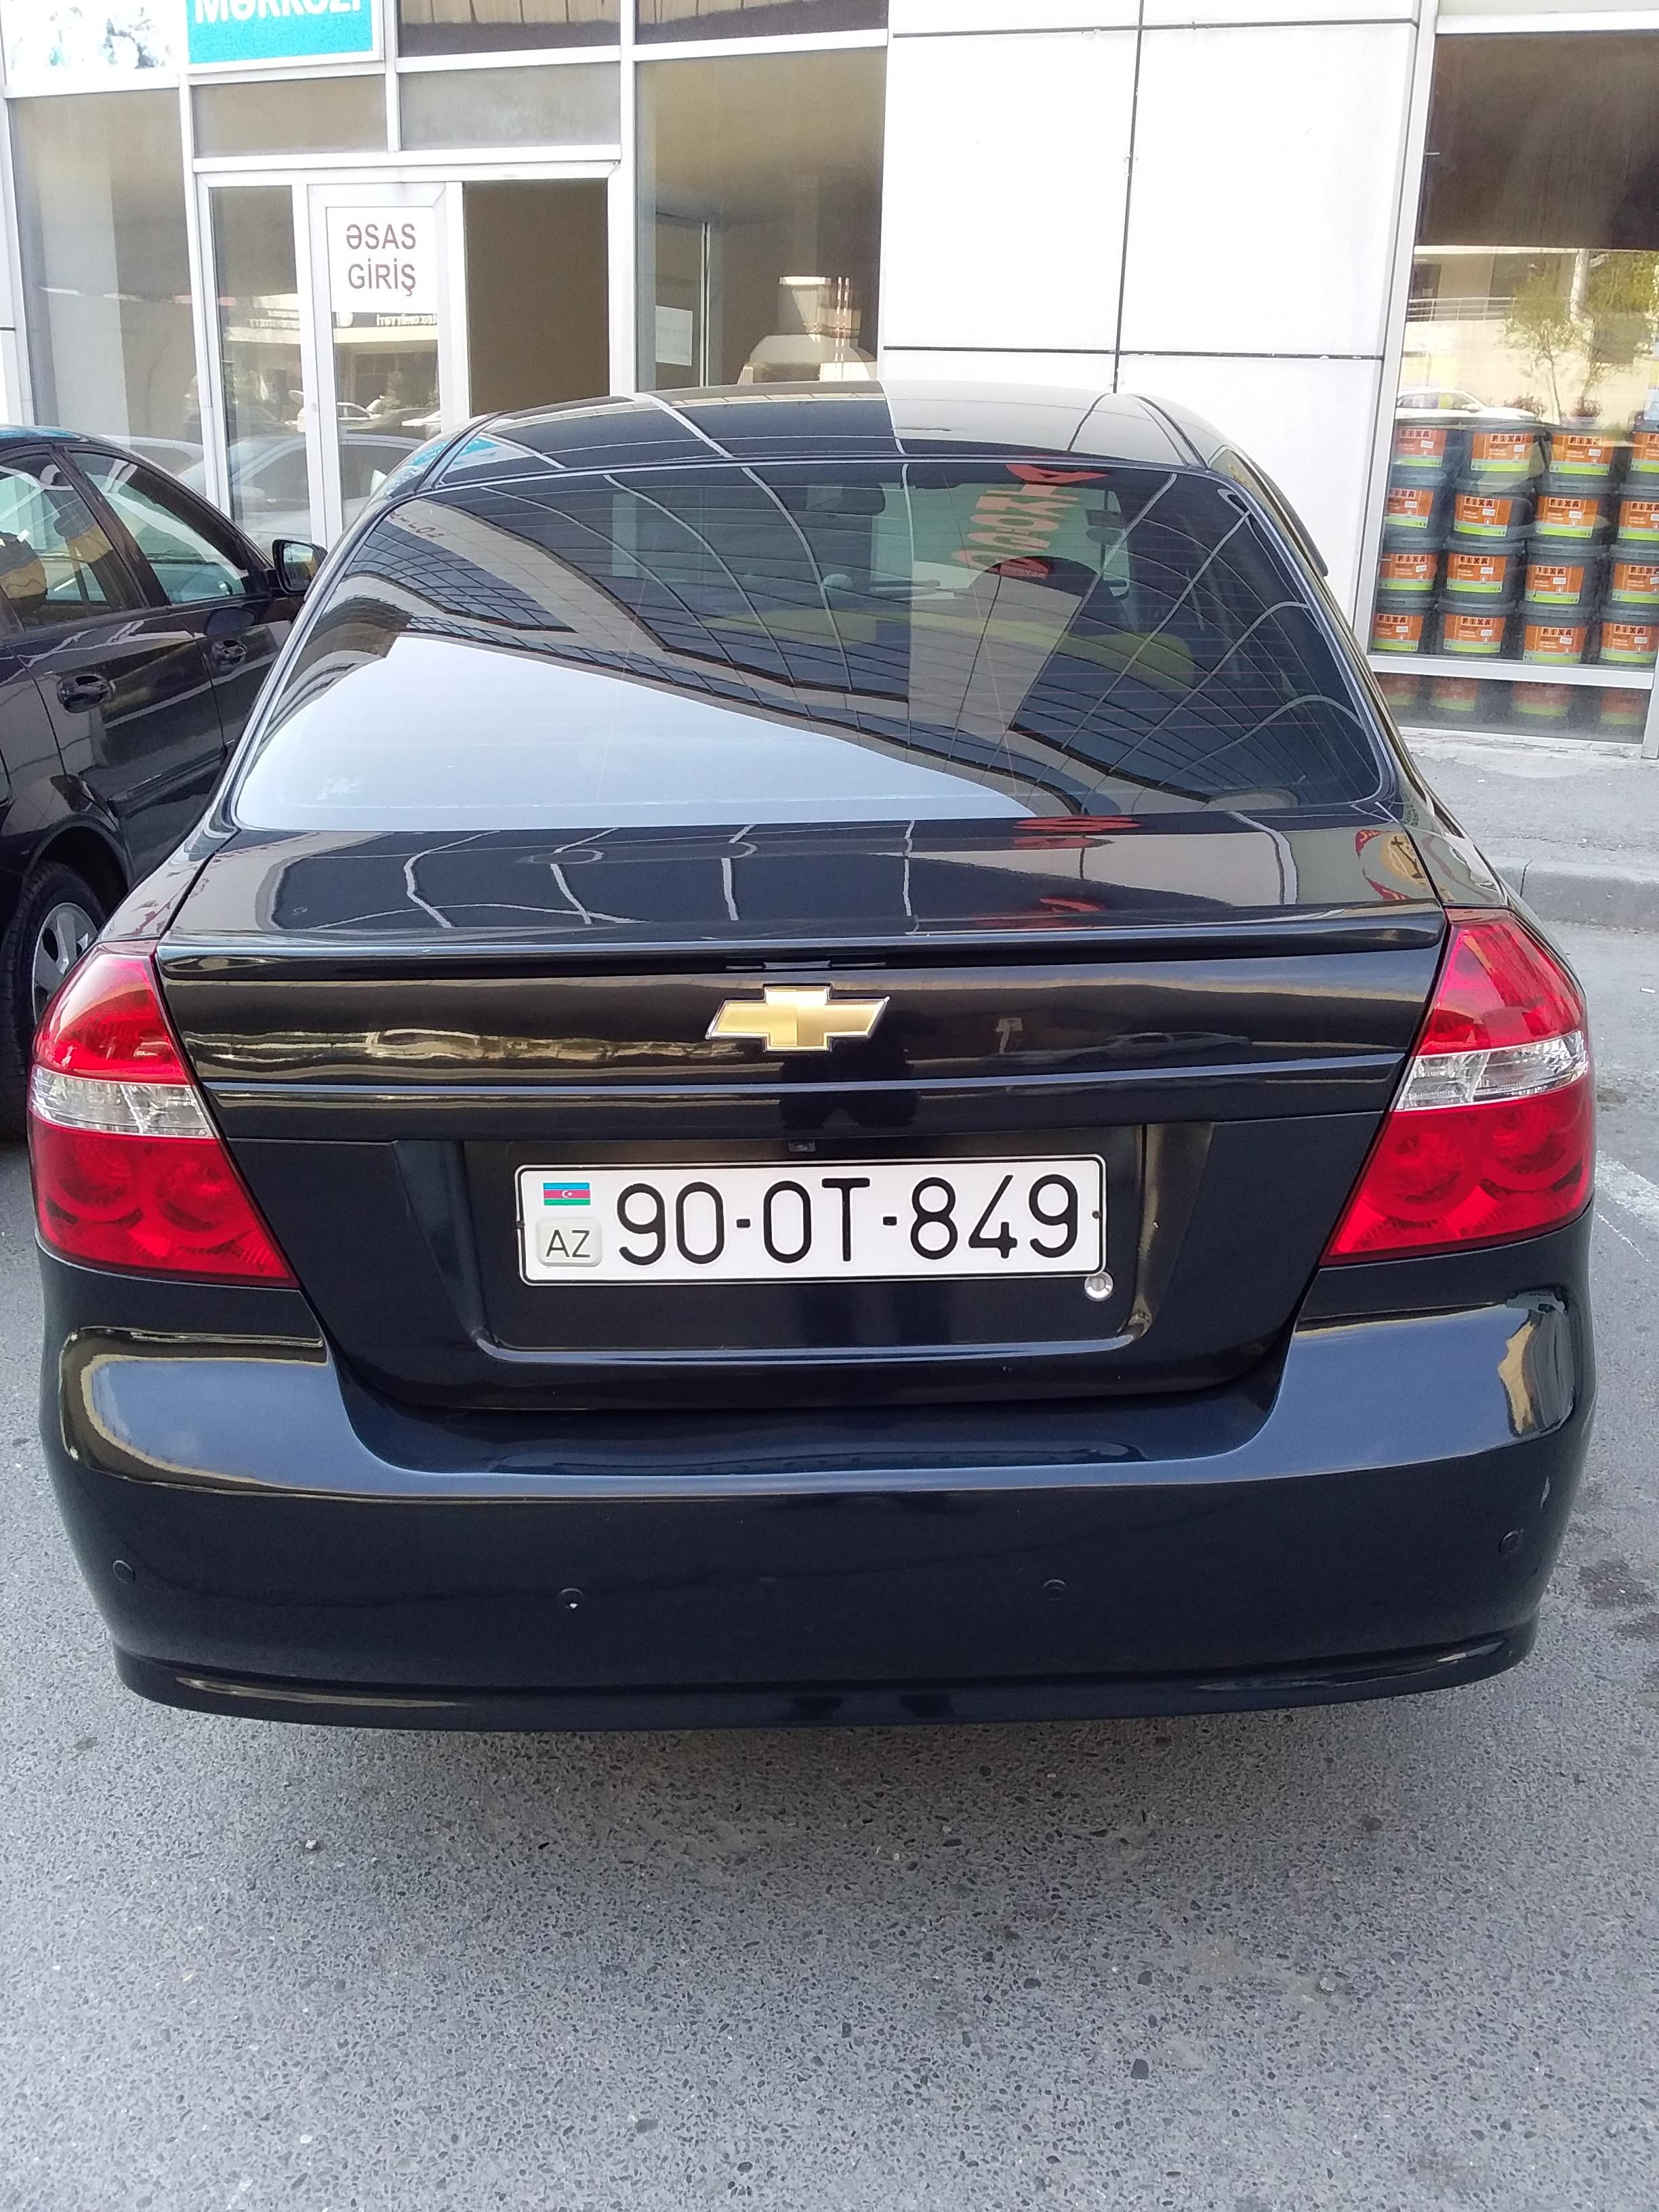 Chevrolet Aveo 1.4(lt) 2011 Подержанный  $9500